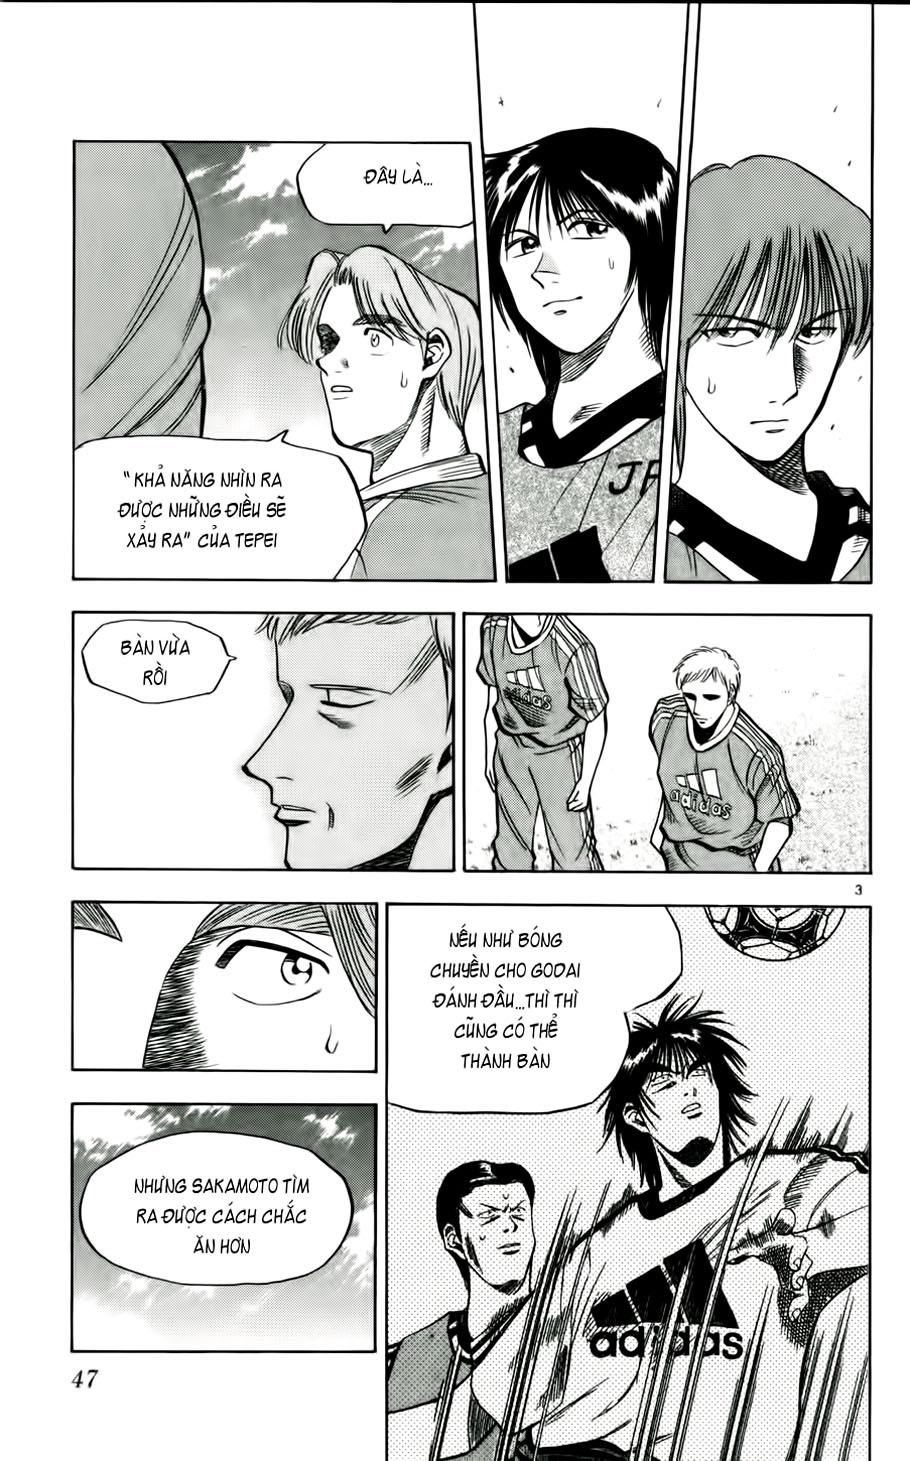 Fantasista chap 47 trang 3